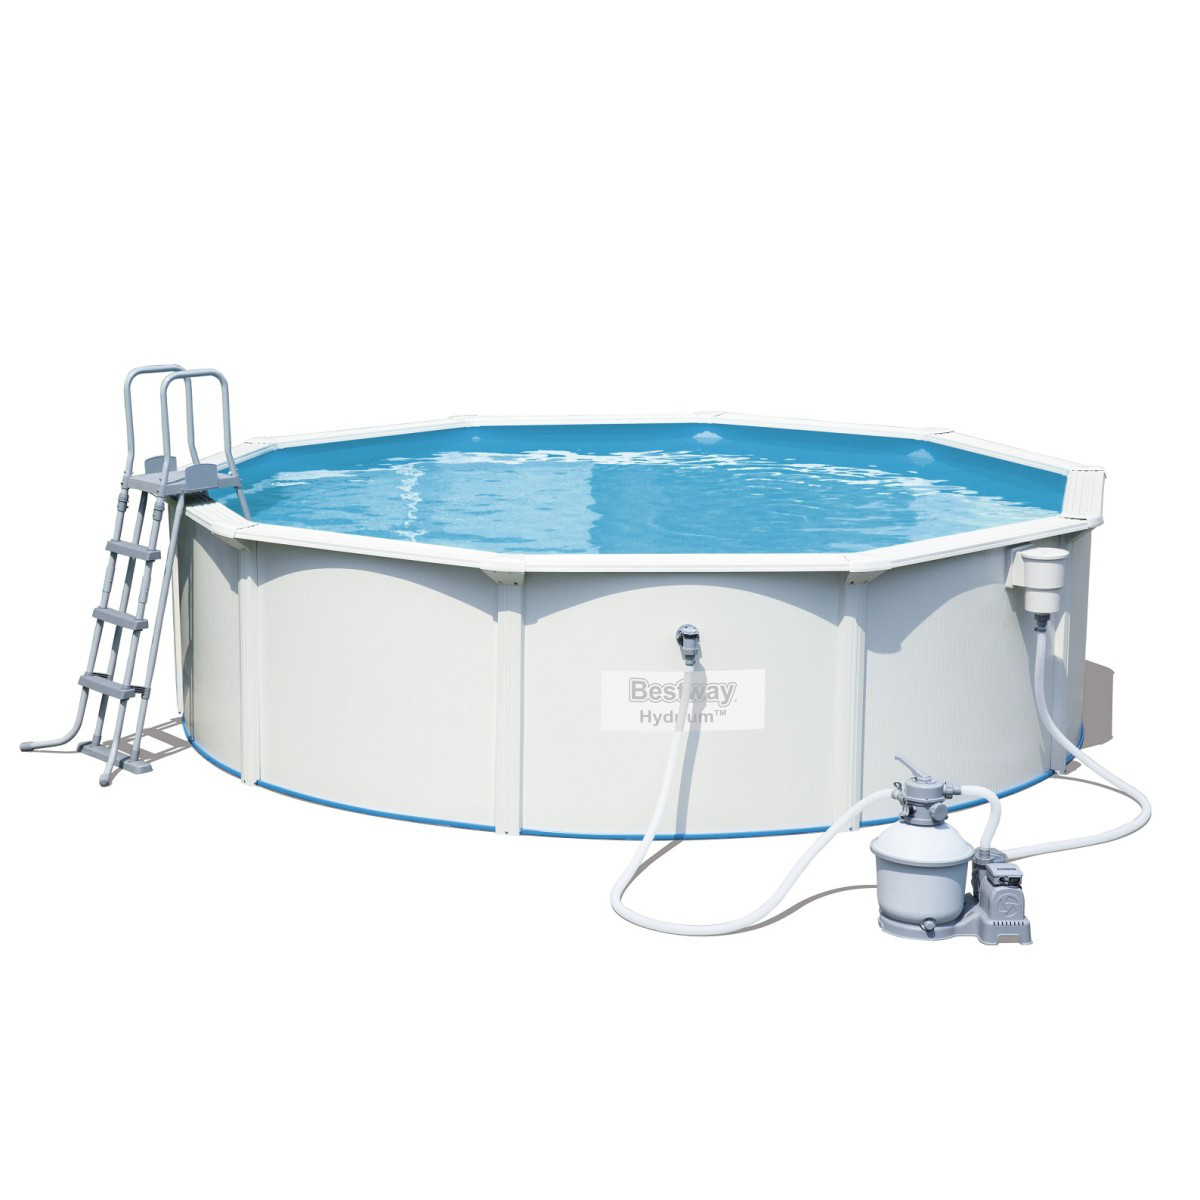 Сборный бассейн Bestway Hydrium 56384 (460x120) с песочный фильтром